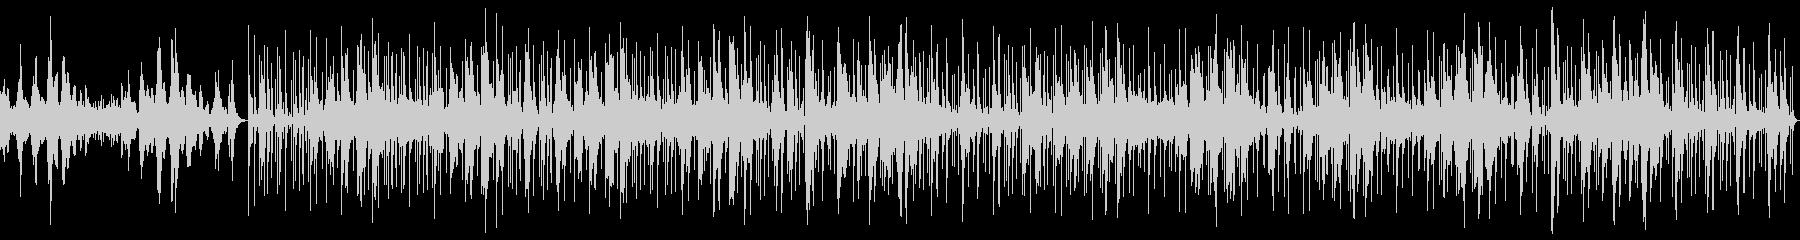 【ループ】優しく奏でるピアノBGMの未再生の波形